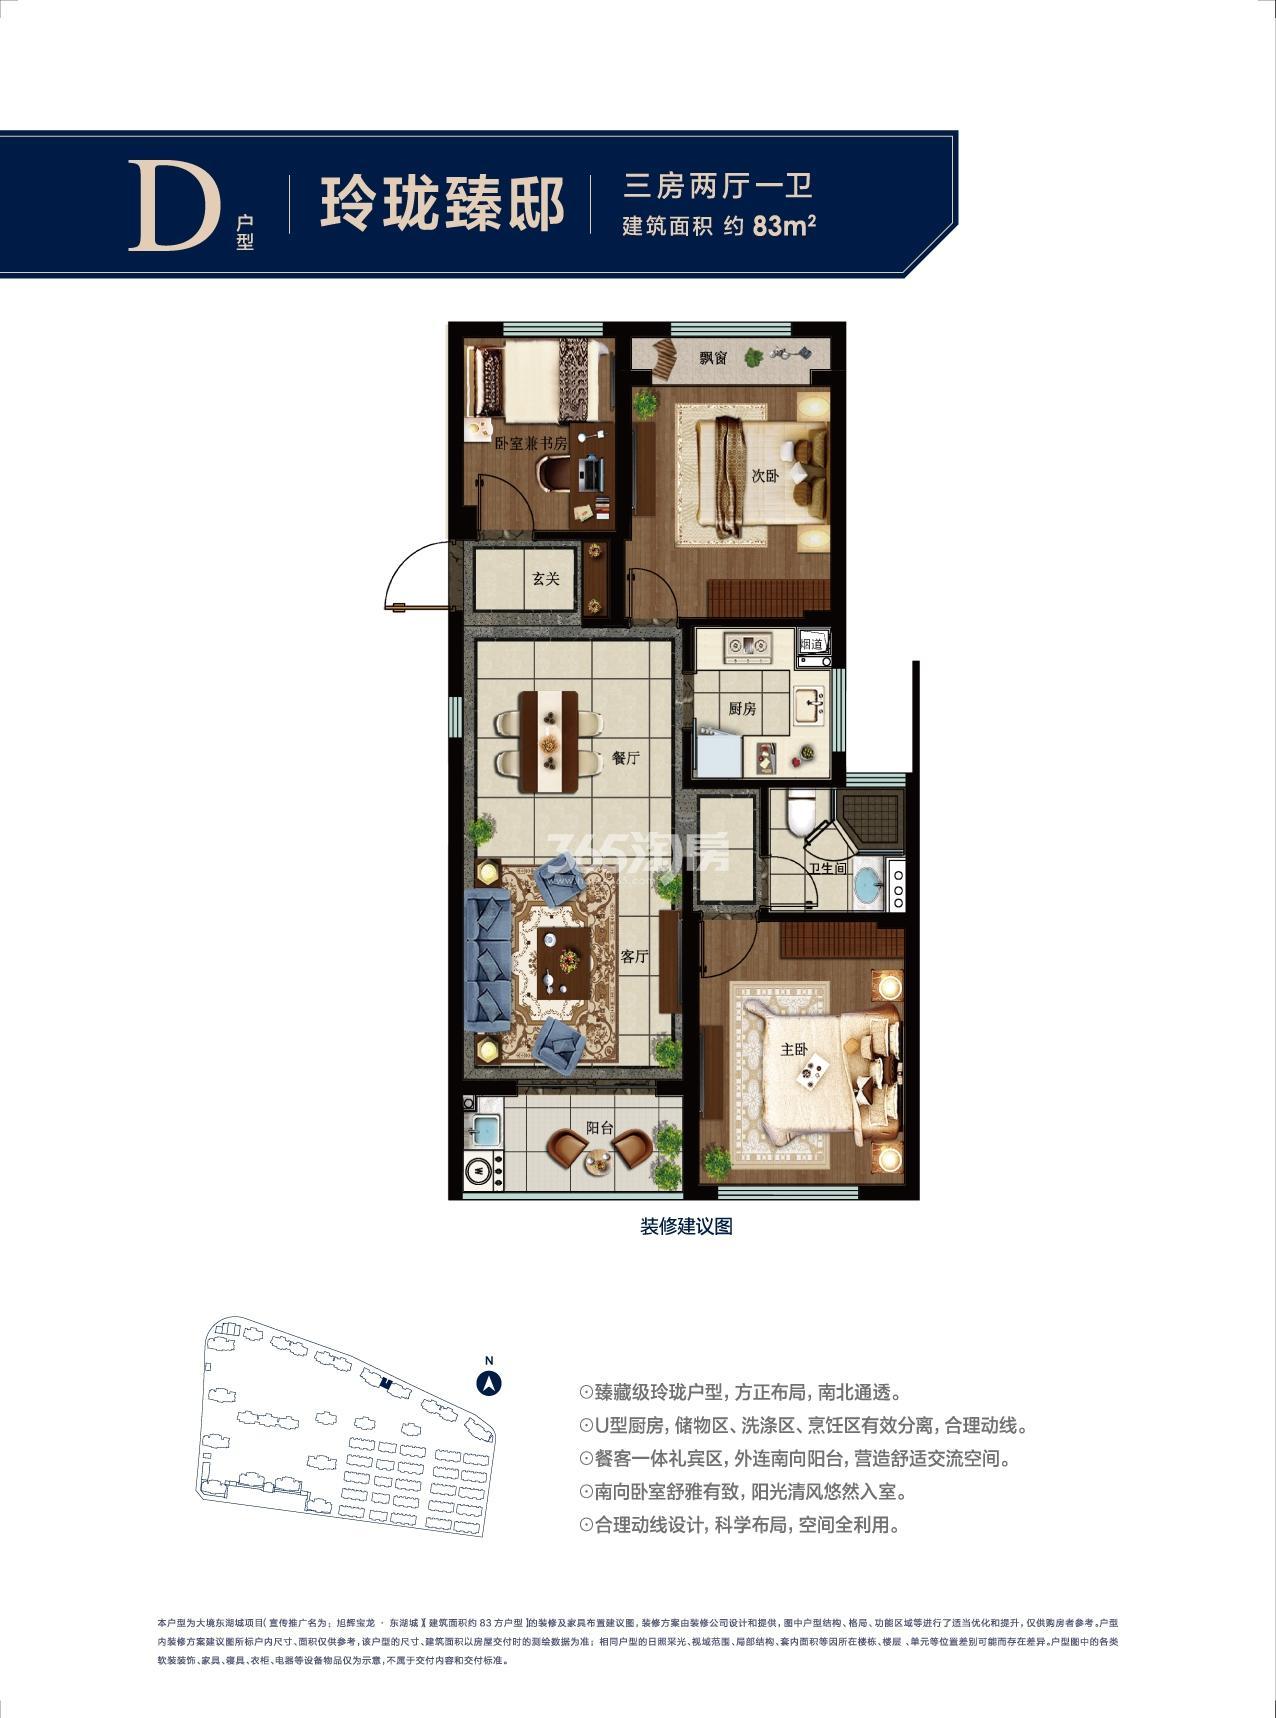 旭辉宝龙东湖城D户型83方户型图(39#)